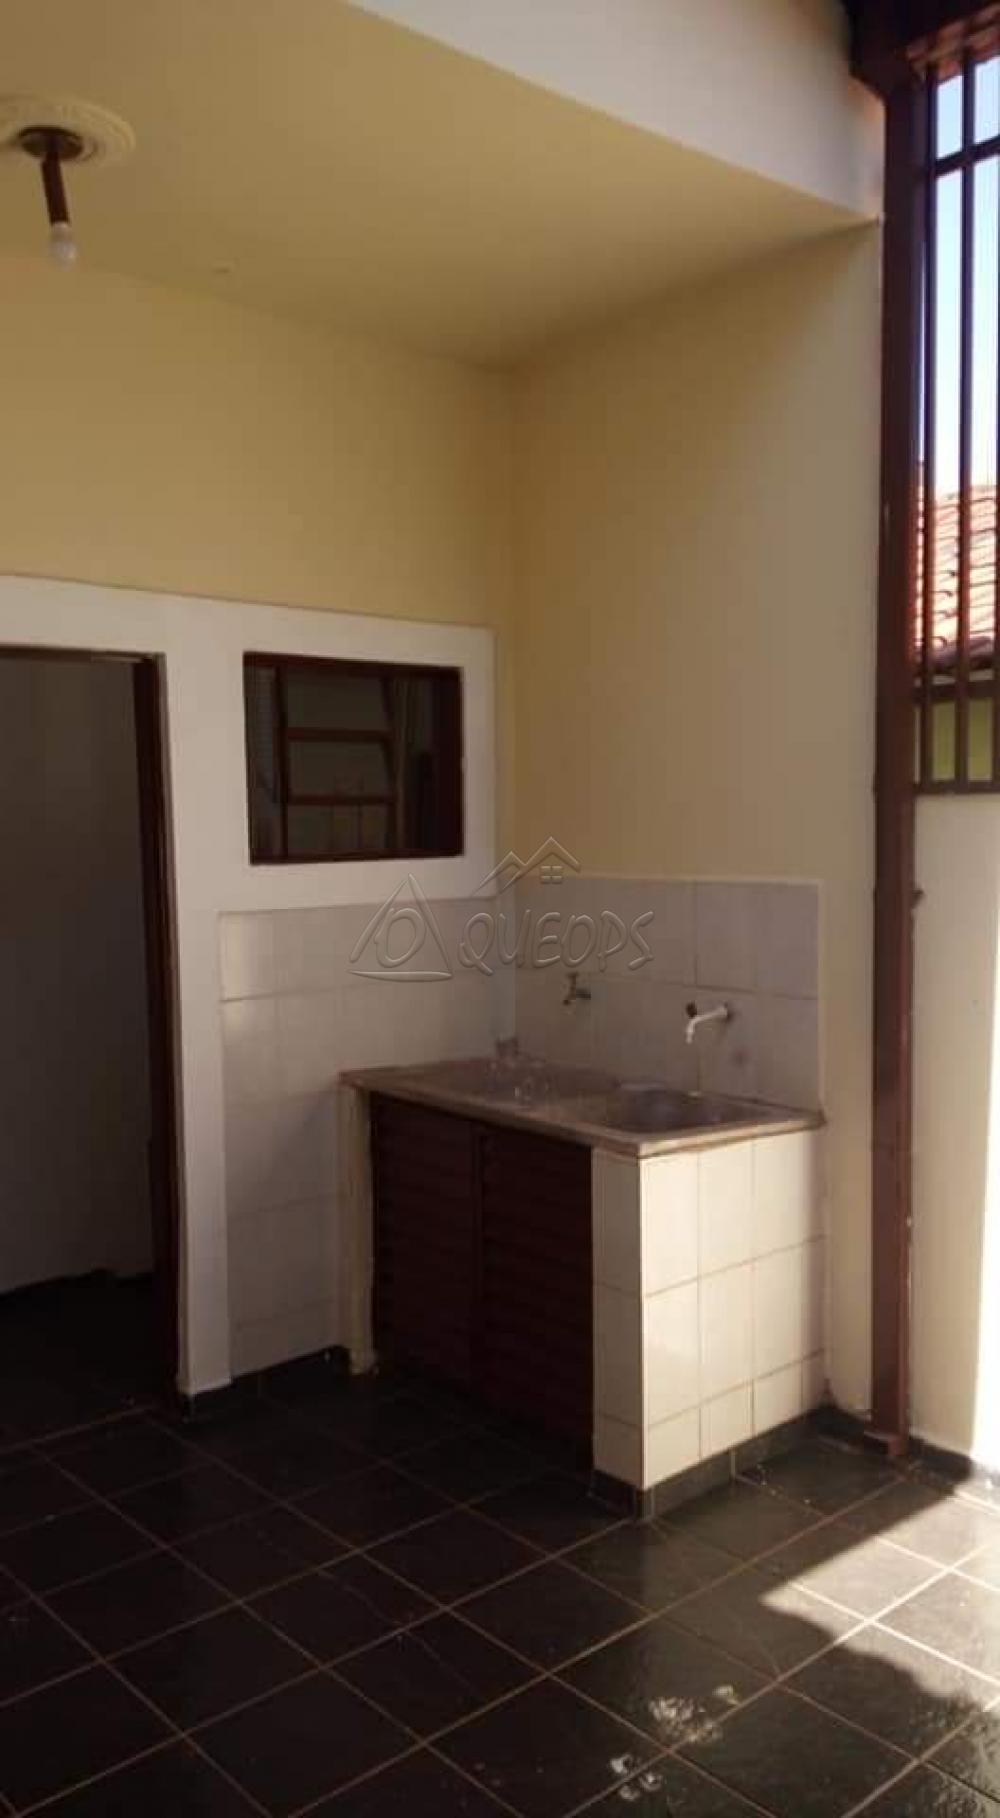 Comprar Casa / Padrão em Barretos apenas R$ 320.000,00 - Foto 10